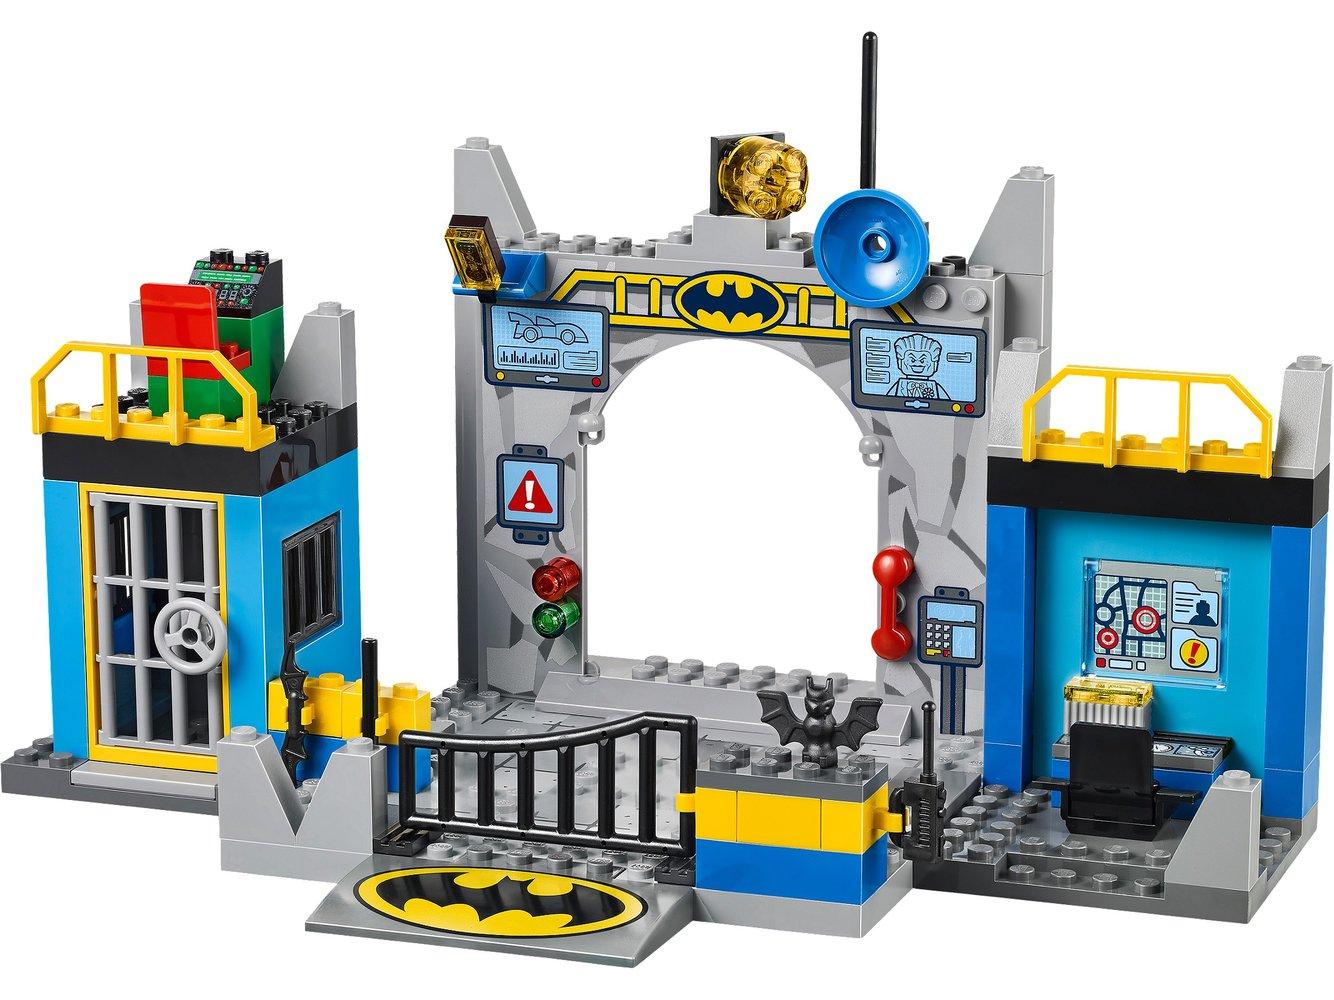 Batman: Defend the Batcave